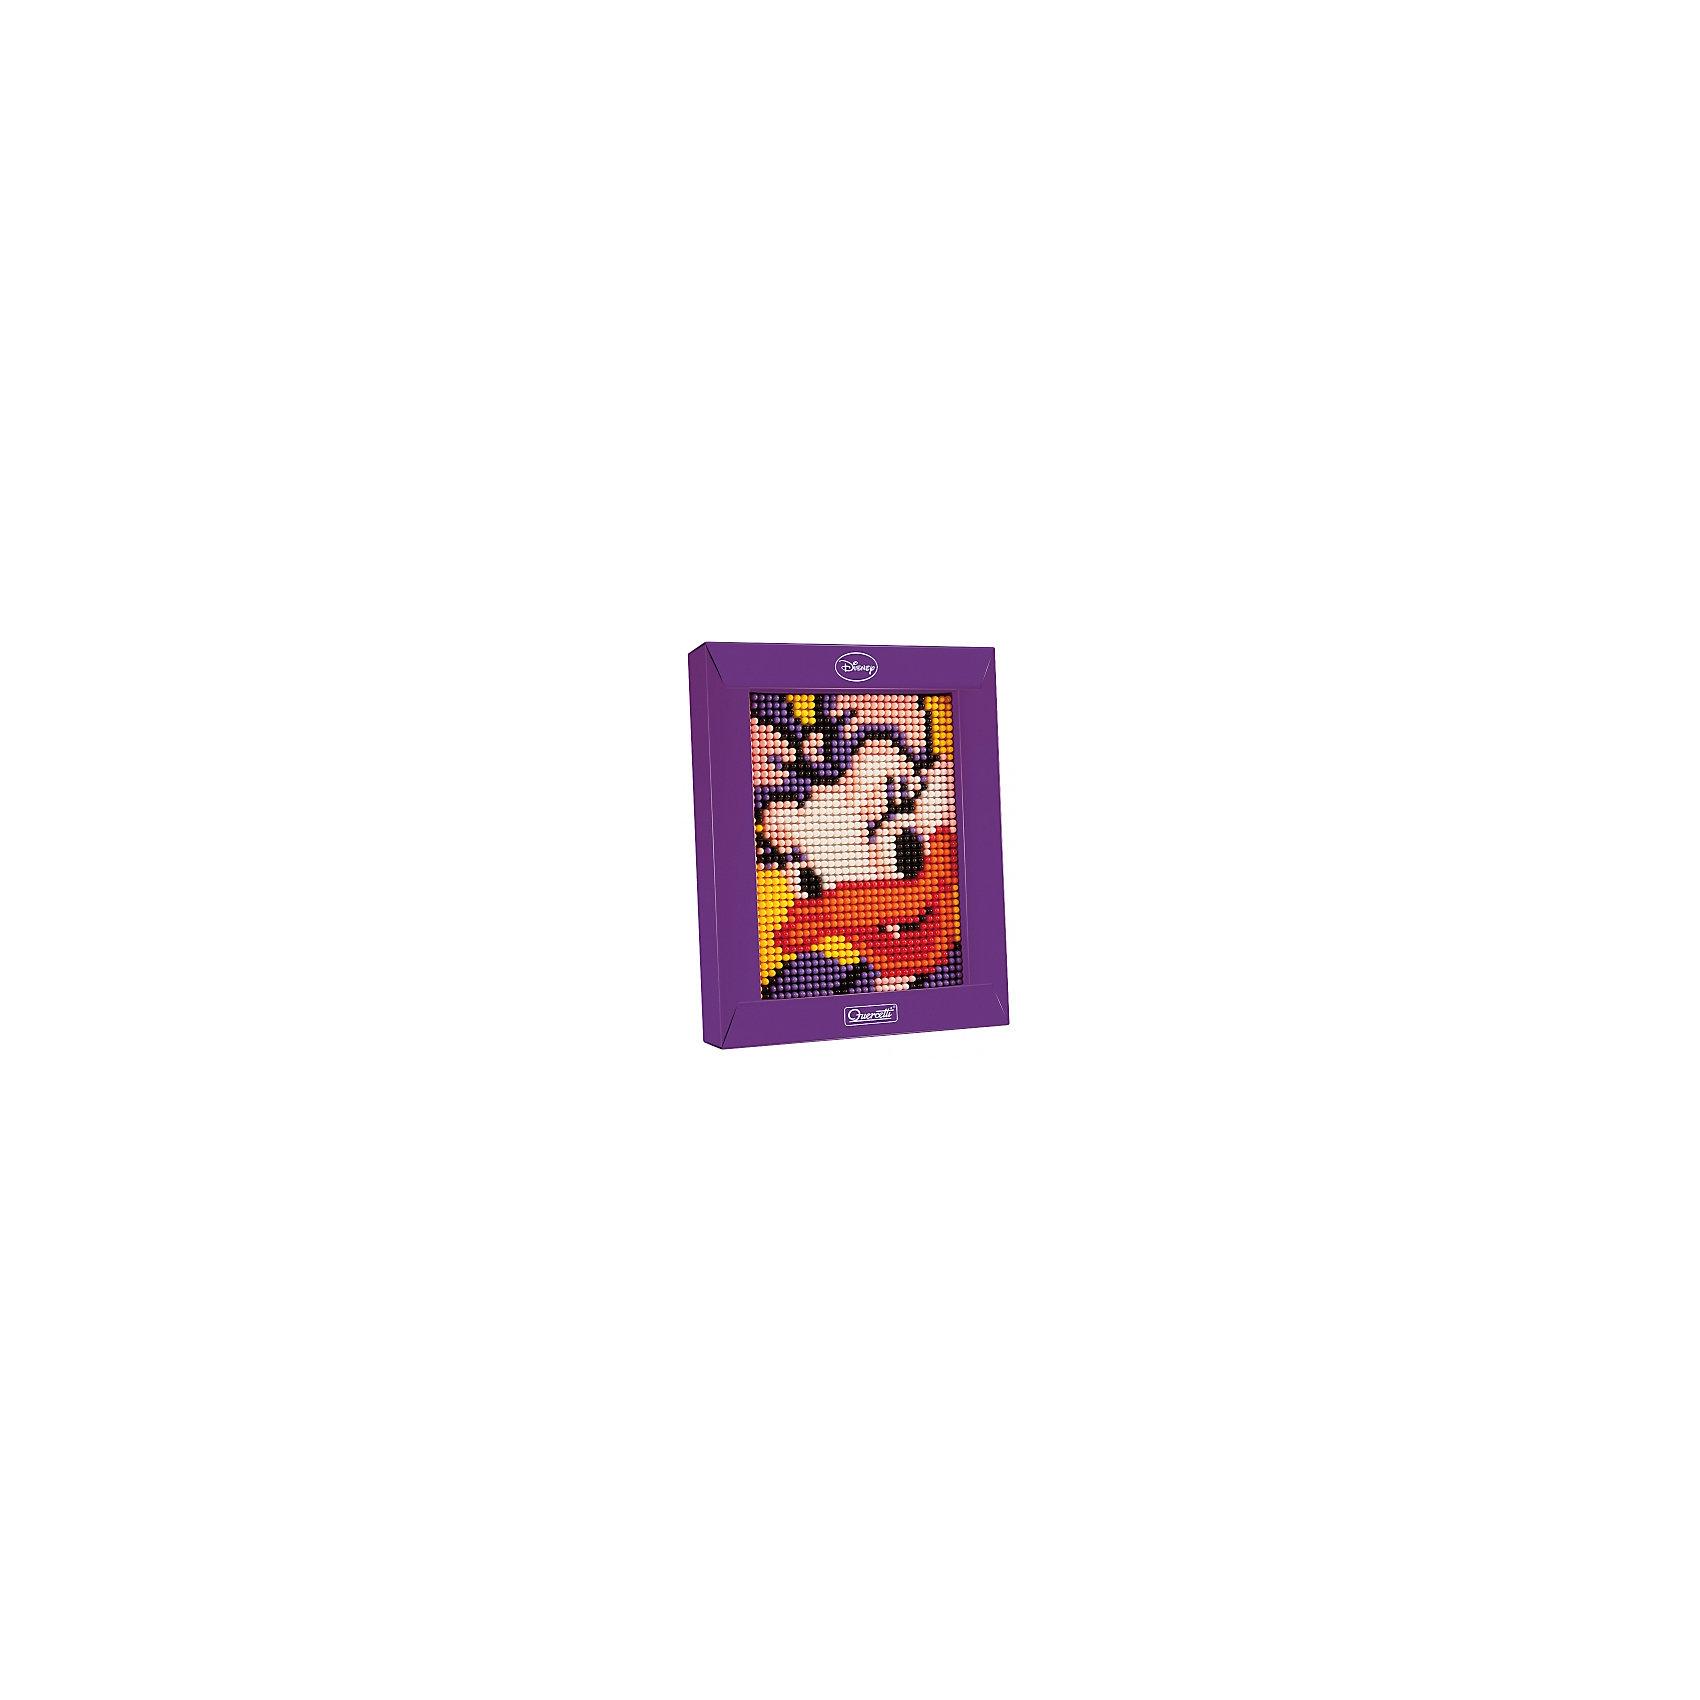 Пиксельная мозаика Дэйзи, 1200 деталей, QuercettiМозаика<br>Пиксельная мозаика Дэйзи, 1200 деталей, Quercetti (Кверсетти).<br><br>Характеристики:<br><br>- В наборе: 1200 деталей 7-ти цветов, основа (наборная доска), картонная рамка, направляющий лист, плакат, инструкция<br>- Размер основы: 12 х 16,5 см.<br>- Размер рамки: 16,5 х 21 х 3,2 см.<br>- Цвета: белый, желтый, оранжевый, красный, розовый, сиреневый, черный<br>- Материал: безопасный пластик, окрашенный нетоксичными красками<br>- Упаковка: картонная коробка<br>- Размер упаковки: 17 х 22 х 4 см.<br><br>Пиксельная мозаика от Quercetti (Кверсетти) поможет вашему малышу из 1200 деталей создать портрет очаровательной Дэйзи Дак. Нужно просто положить цветную схему на основу и можно начинать собирать мозаику! Рисунок на листе разделен на маленькие квадратики. Ребенку нужно выбрать подходящие по цвету детали-гвоздики и вставить их в отверстия. Кончики элементов легко проходят сквозь бумагу и надежно фиксируются в основе. В итоге они ложатся ровными рядами, а разноцветные шляпки сливаются в единое цветовое полотно, и если смотреть на собранную картинку с расстояния, изображение чудесным образом преобразится, повторяя эффект фотографии. Готовую картинку можно вставить в картонную рамочку и повесить на стену, как настоящую картину. Собирание мозаики развивает у детей цветовосприятие, творческие способности, внимание, усидчивость и мелкую моторику.<br><br>Пиксельную мозаику Дэйзи, 1200 деталей, Quercetti (Кверсетти) можно купить в нашем интернет-магазине.<br><br>Ширина мм: 220<br>Глубина мм: 36<br>Высота мм: 170<br>Вес г: 298<br>Возраст от месяцев: 60<br>Возраст до месяцев: 2147483647<br>Пол: Унисекс<br>Возраст: Детский<br>SKU: 5140054